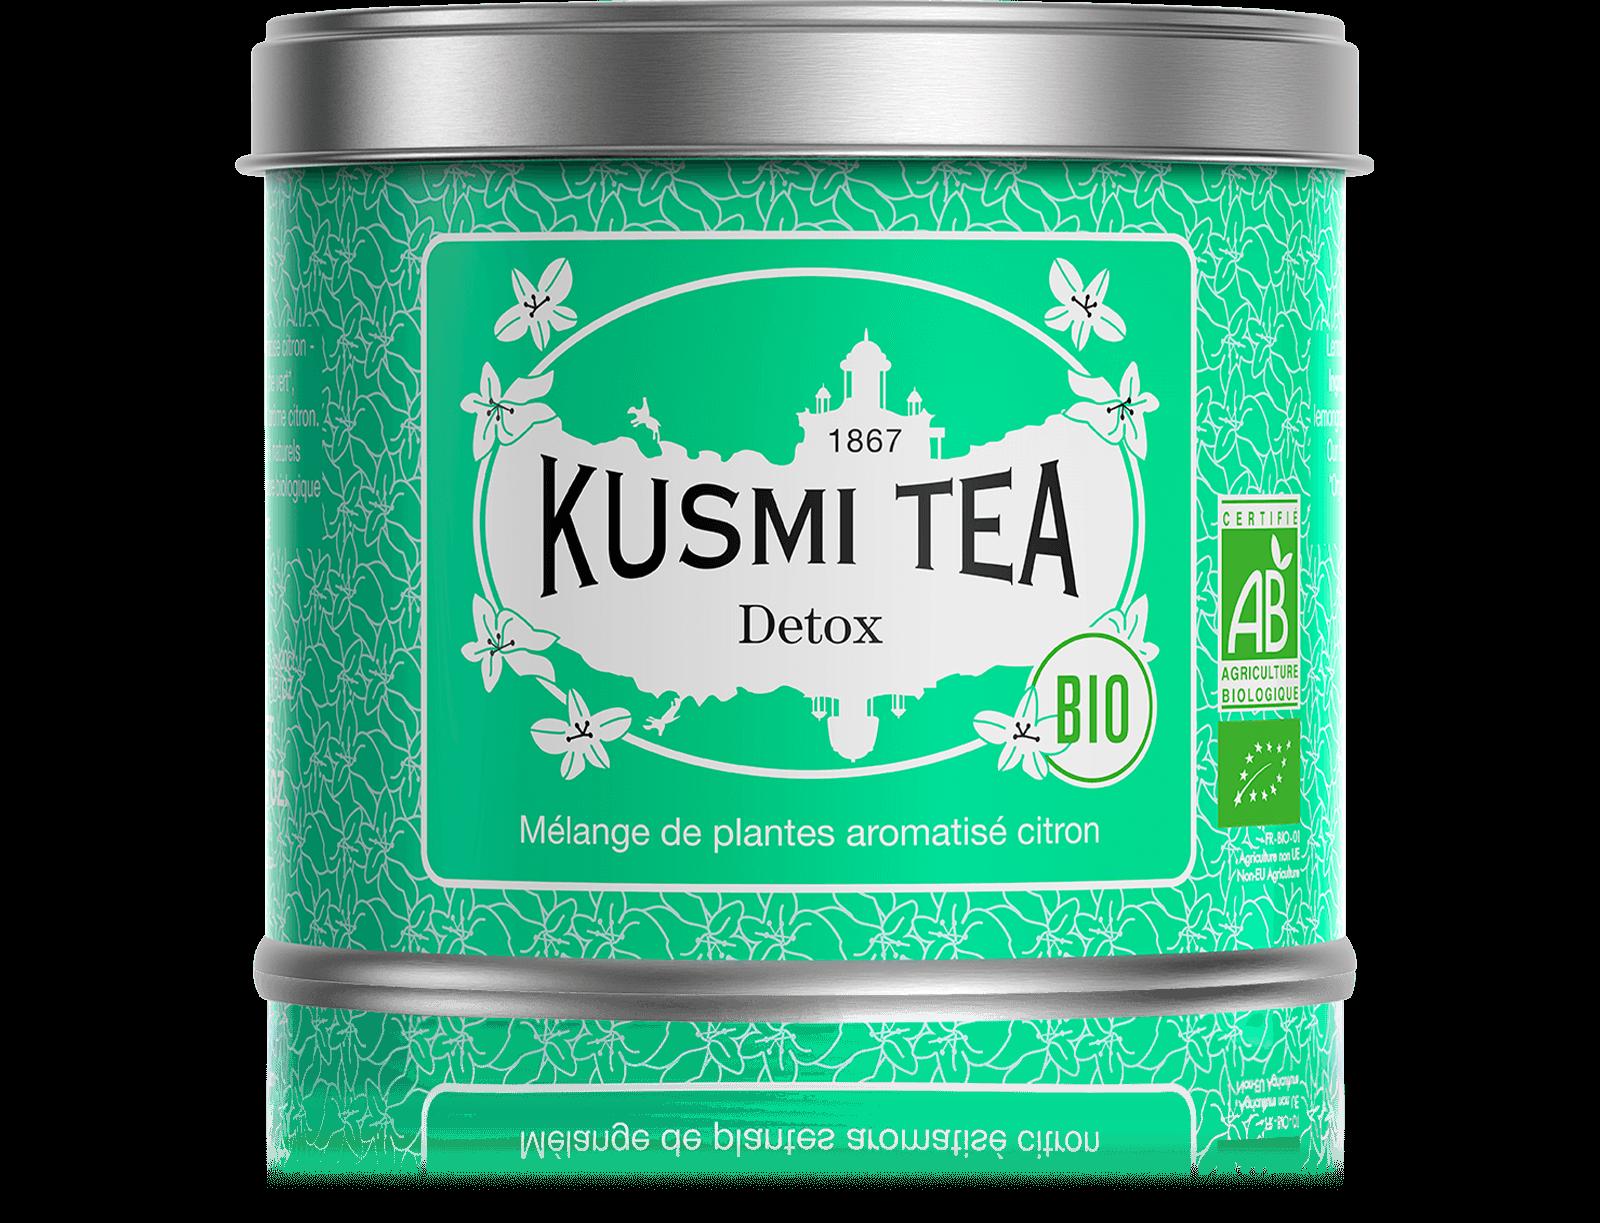 Detox bio - Thé vert, maté, citron - Boîte de thé en vrac - Kusmi Tea